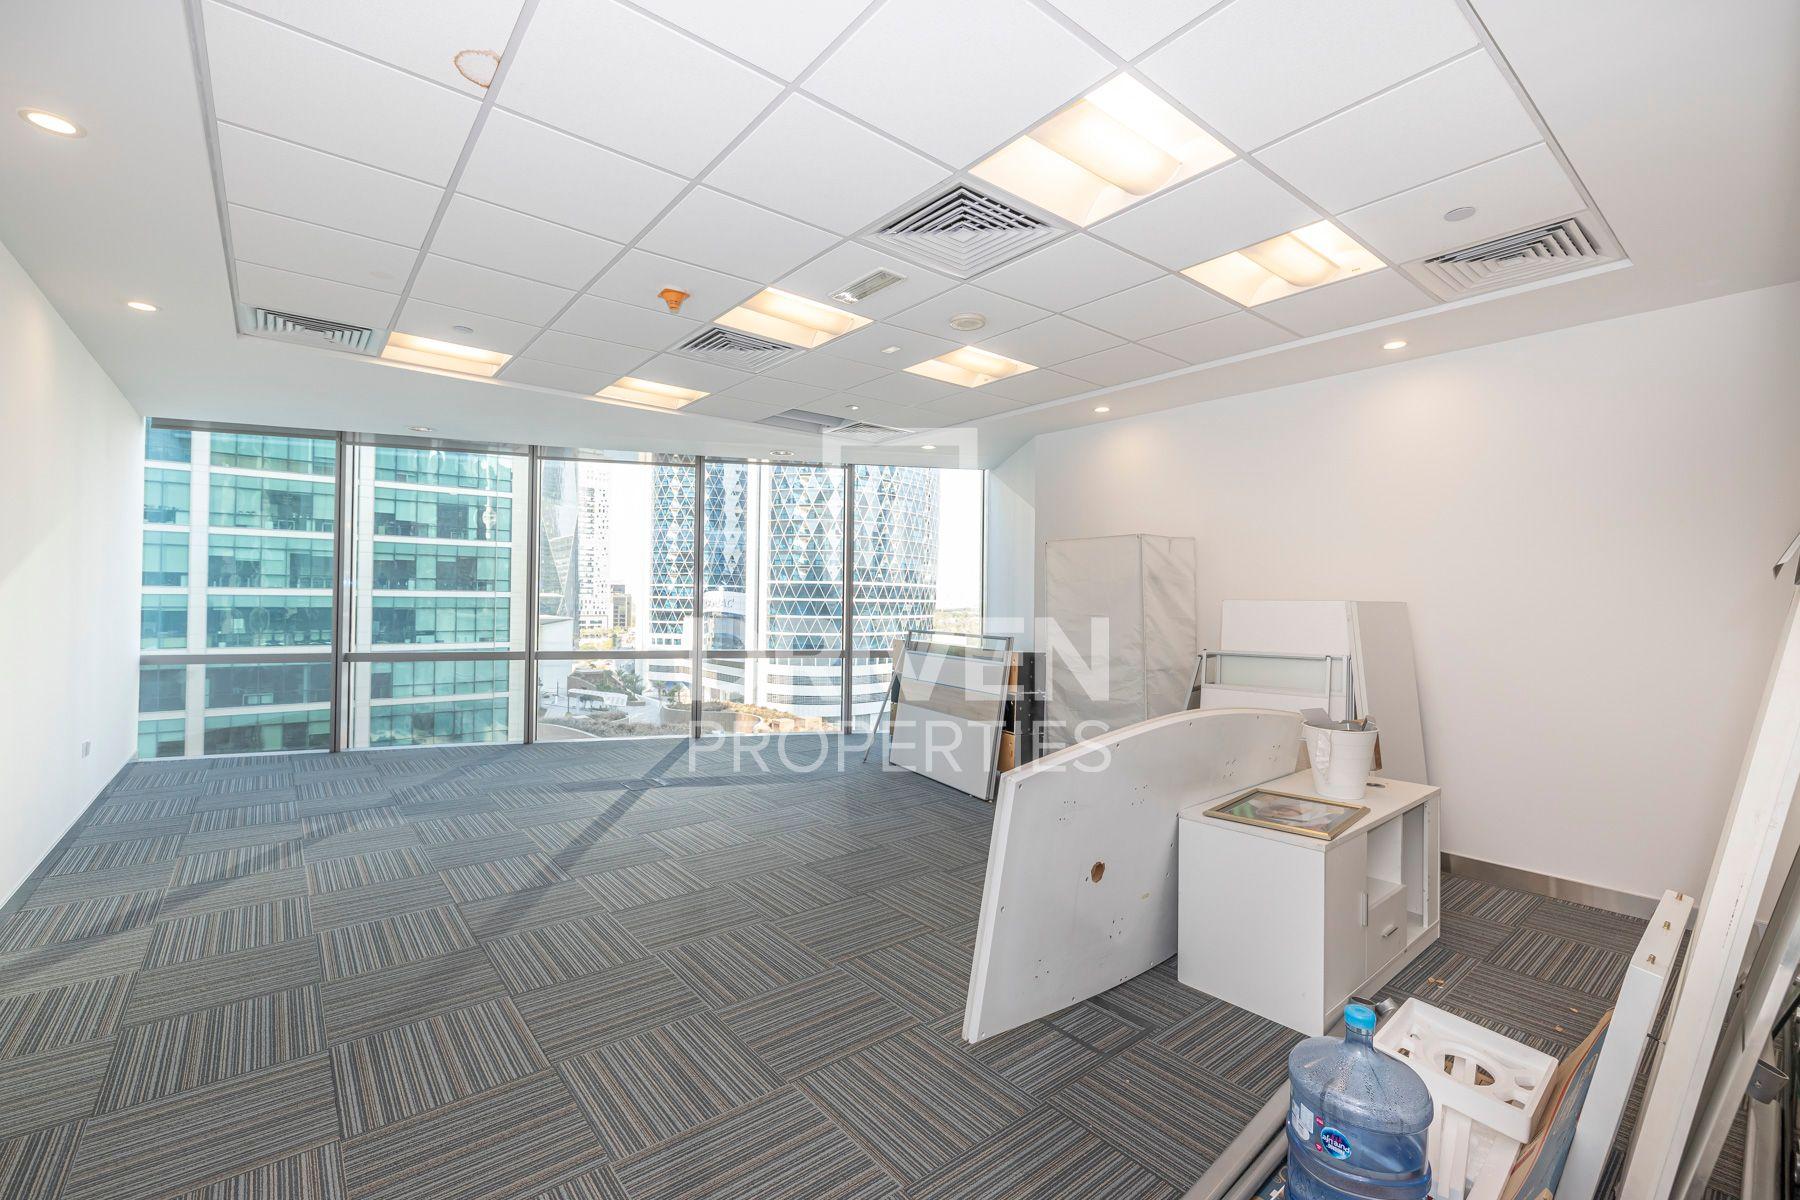 527 قدم مربع  مكتب - للايجار - مركز دبي المالي العالمي